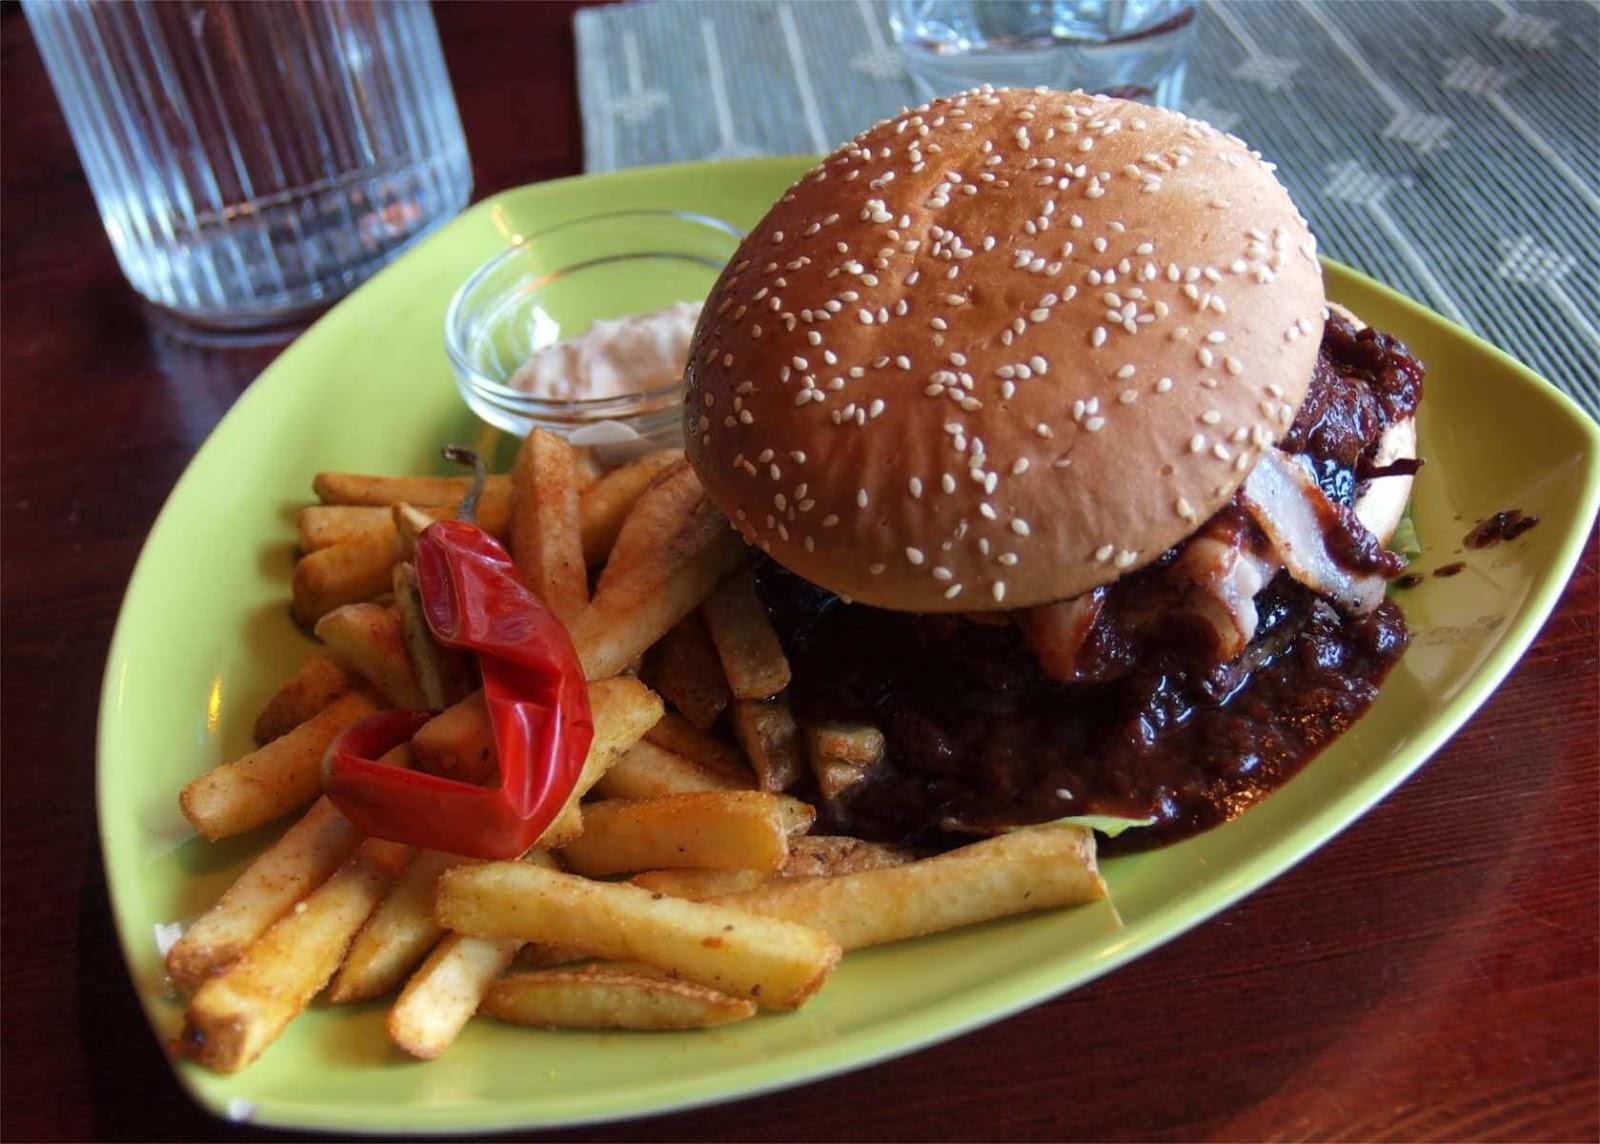 Países con una gastronomía poco saludable